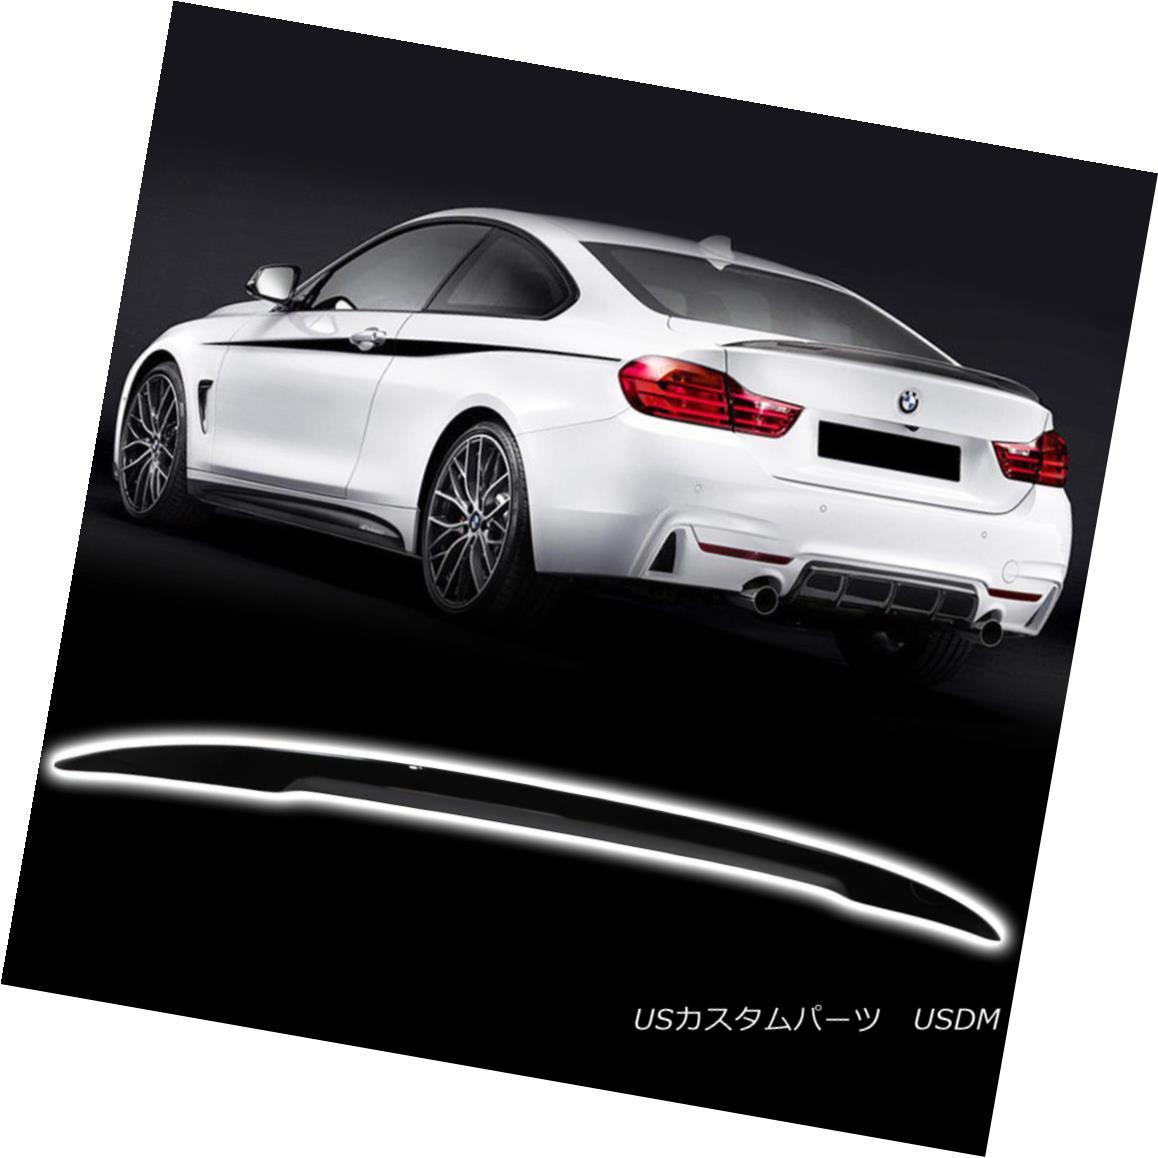 エアロパーツ Convertible 4-Ser F33 M4 F83 For BMW Performance Look Trunk Spoiler Color #668 コンバーチブル4-Ser F33 M4 F83 BMWパフォーマンスルックトランク・スポイラーカラー#668